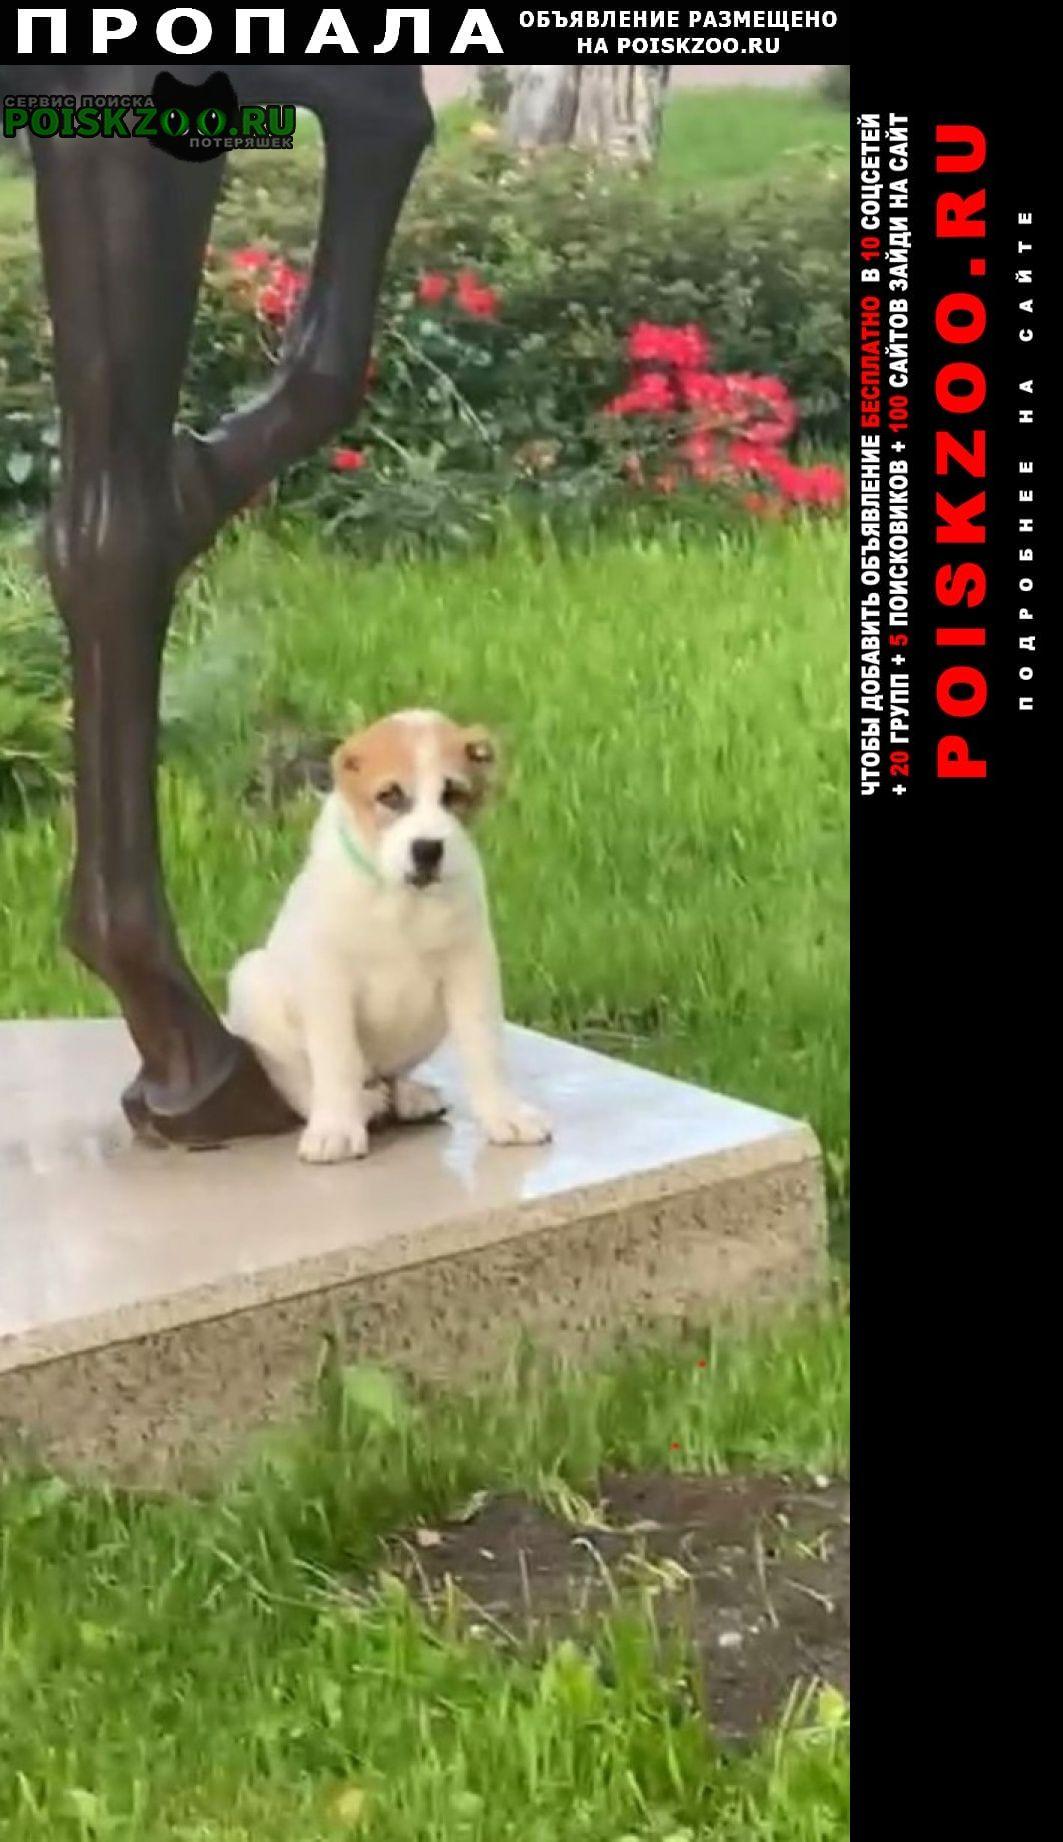 Пропала собака кобель порода алабай Чехов